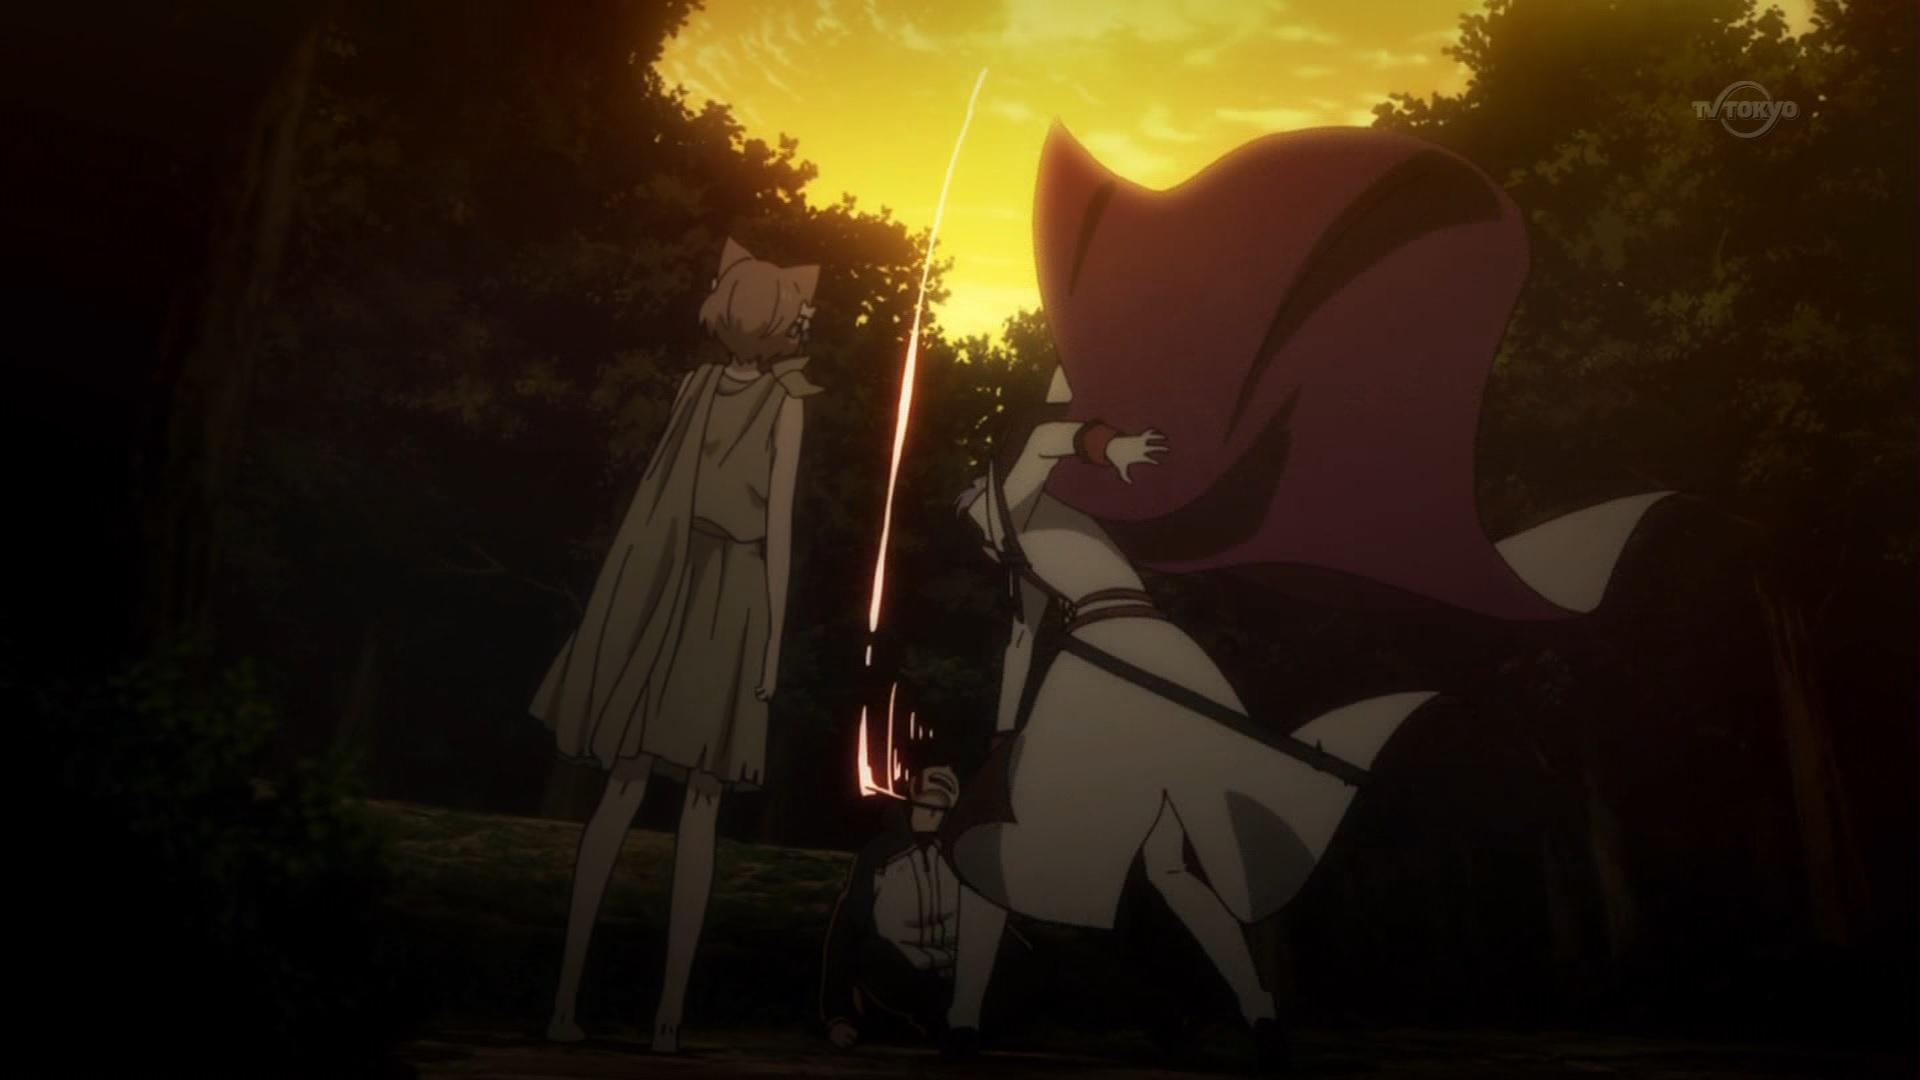 スバルにトドメを刺すユリウス